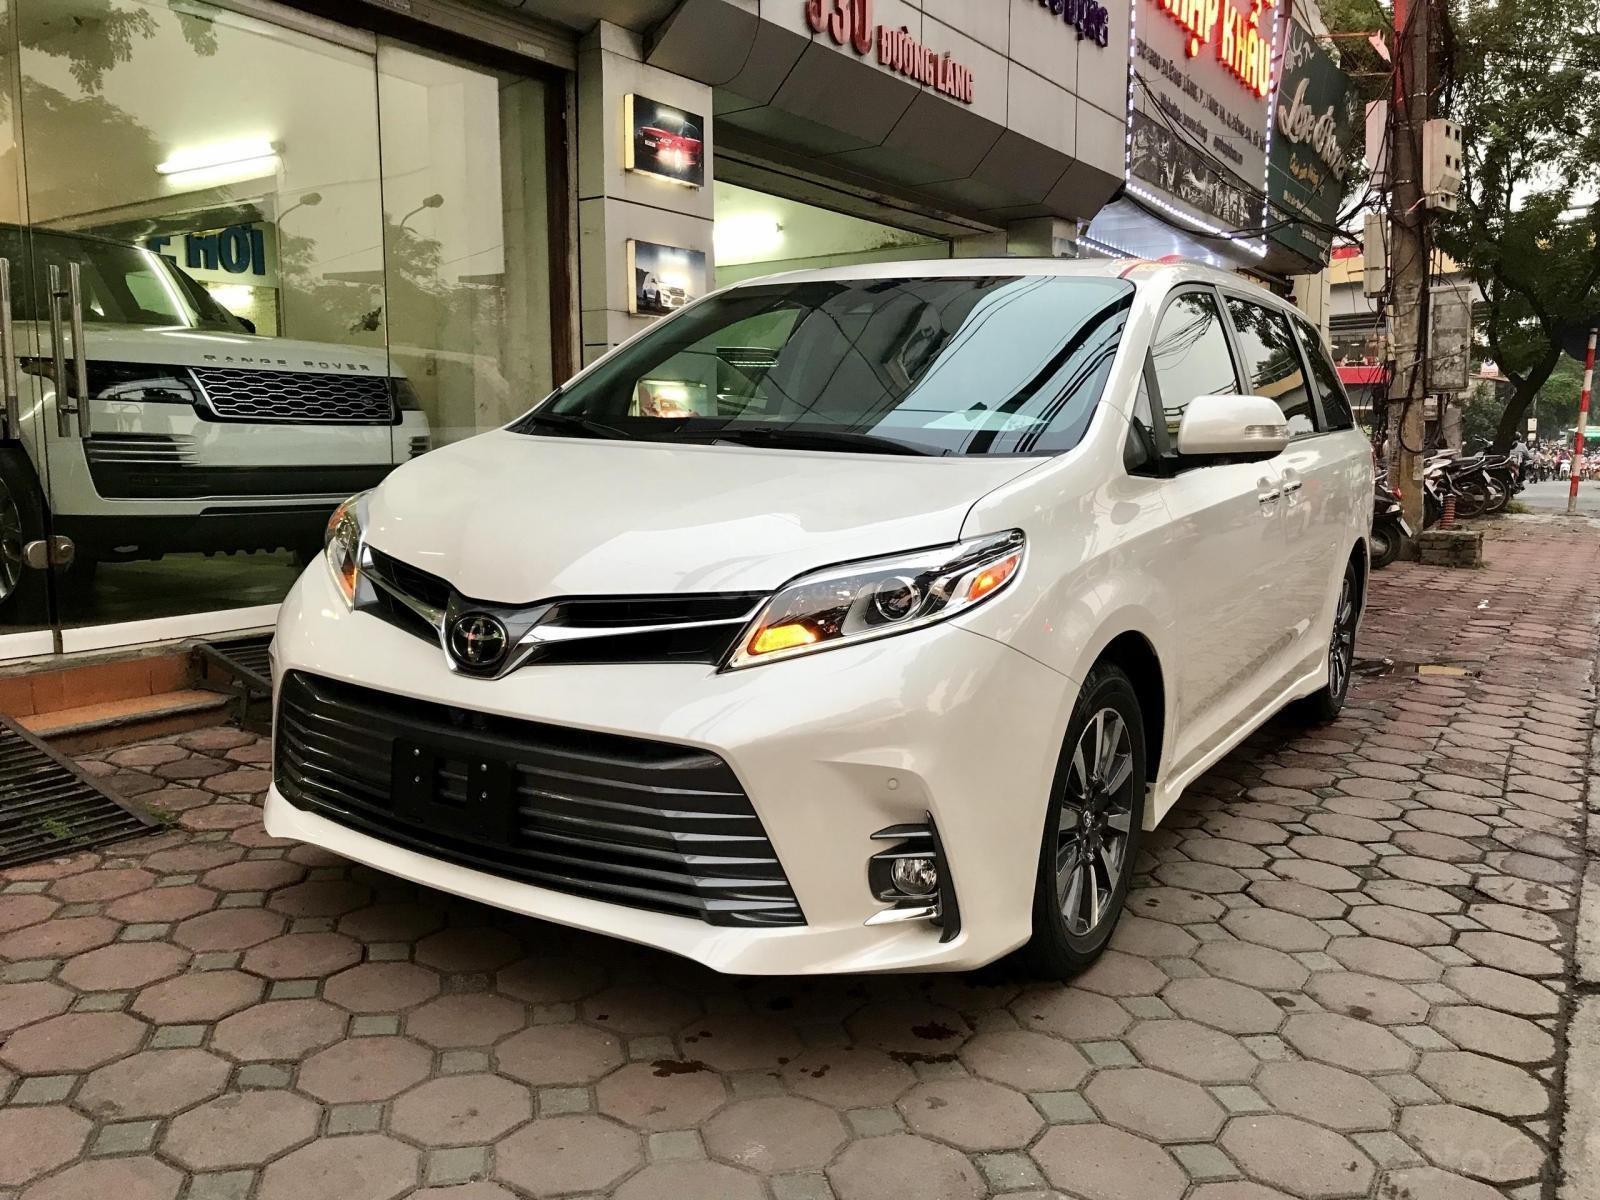 Bán Toyota Sienna Limited 1 cầu model 2020 giao ngay toàn quốc, giá tốt - LH 093.996.2368 Ms Ngọc Vy (3)